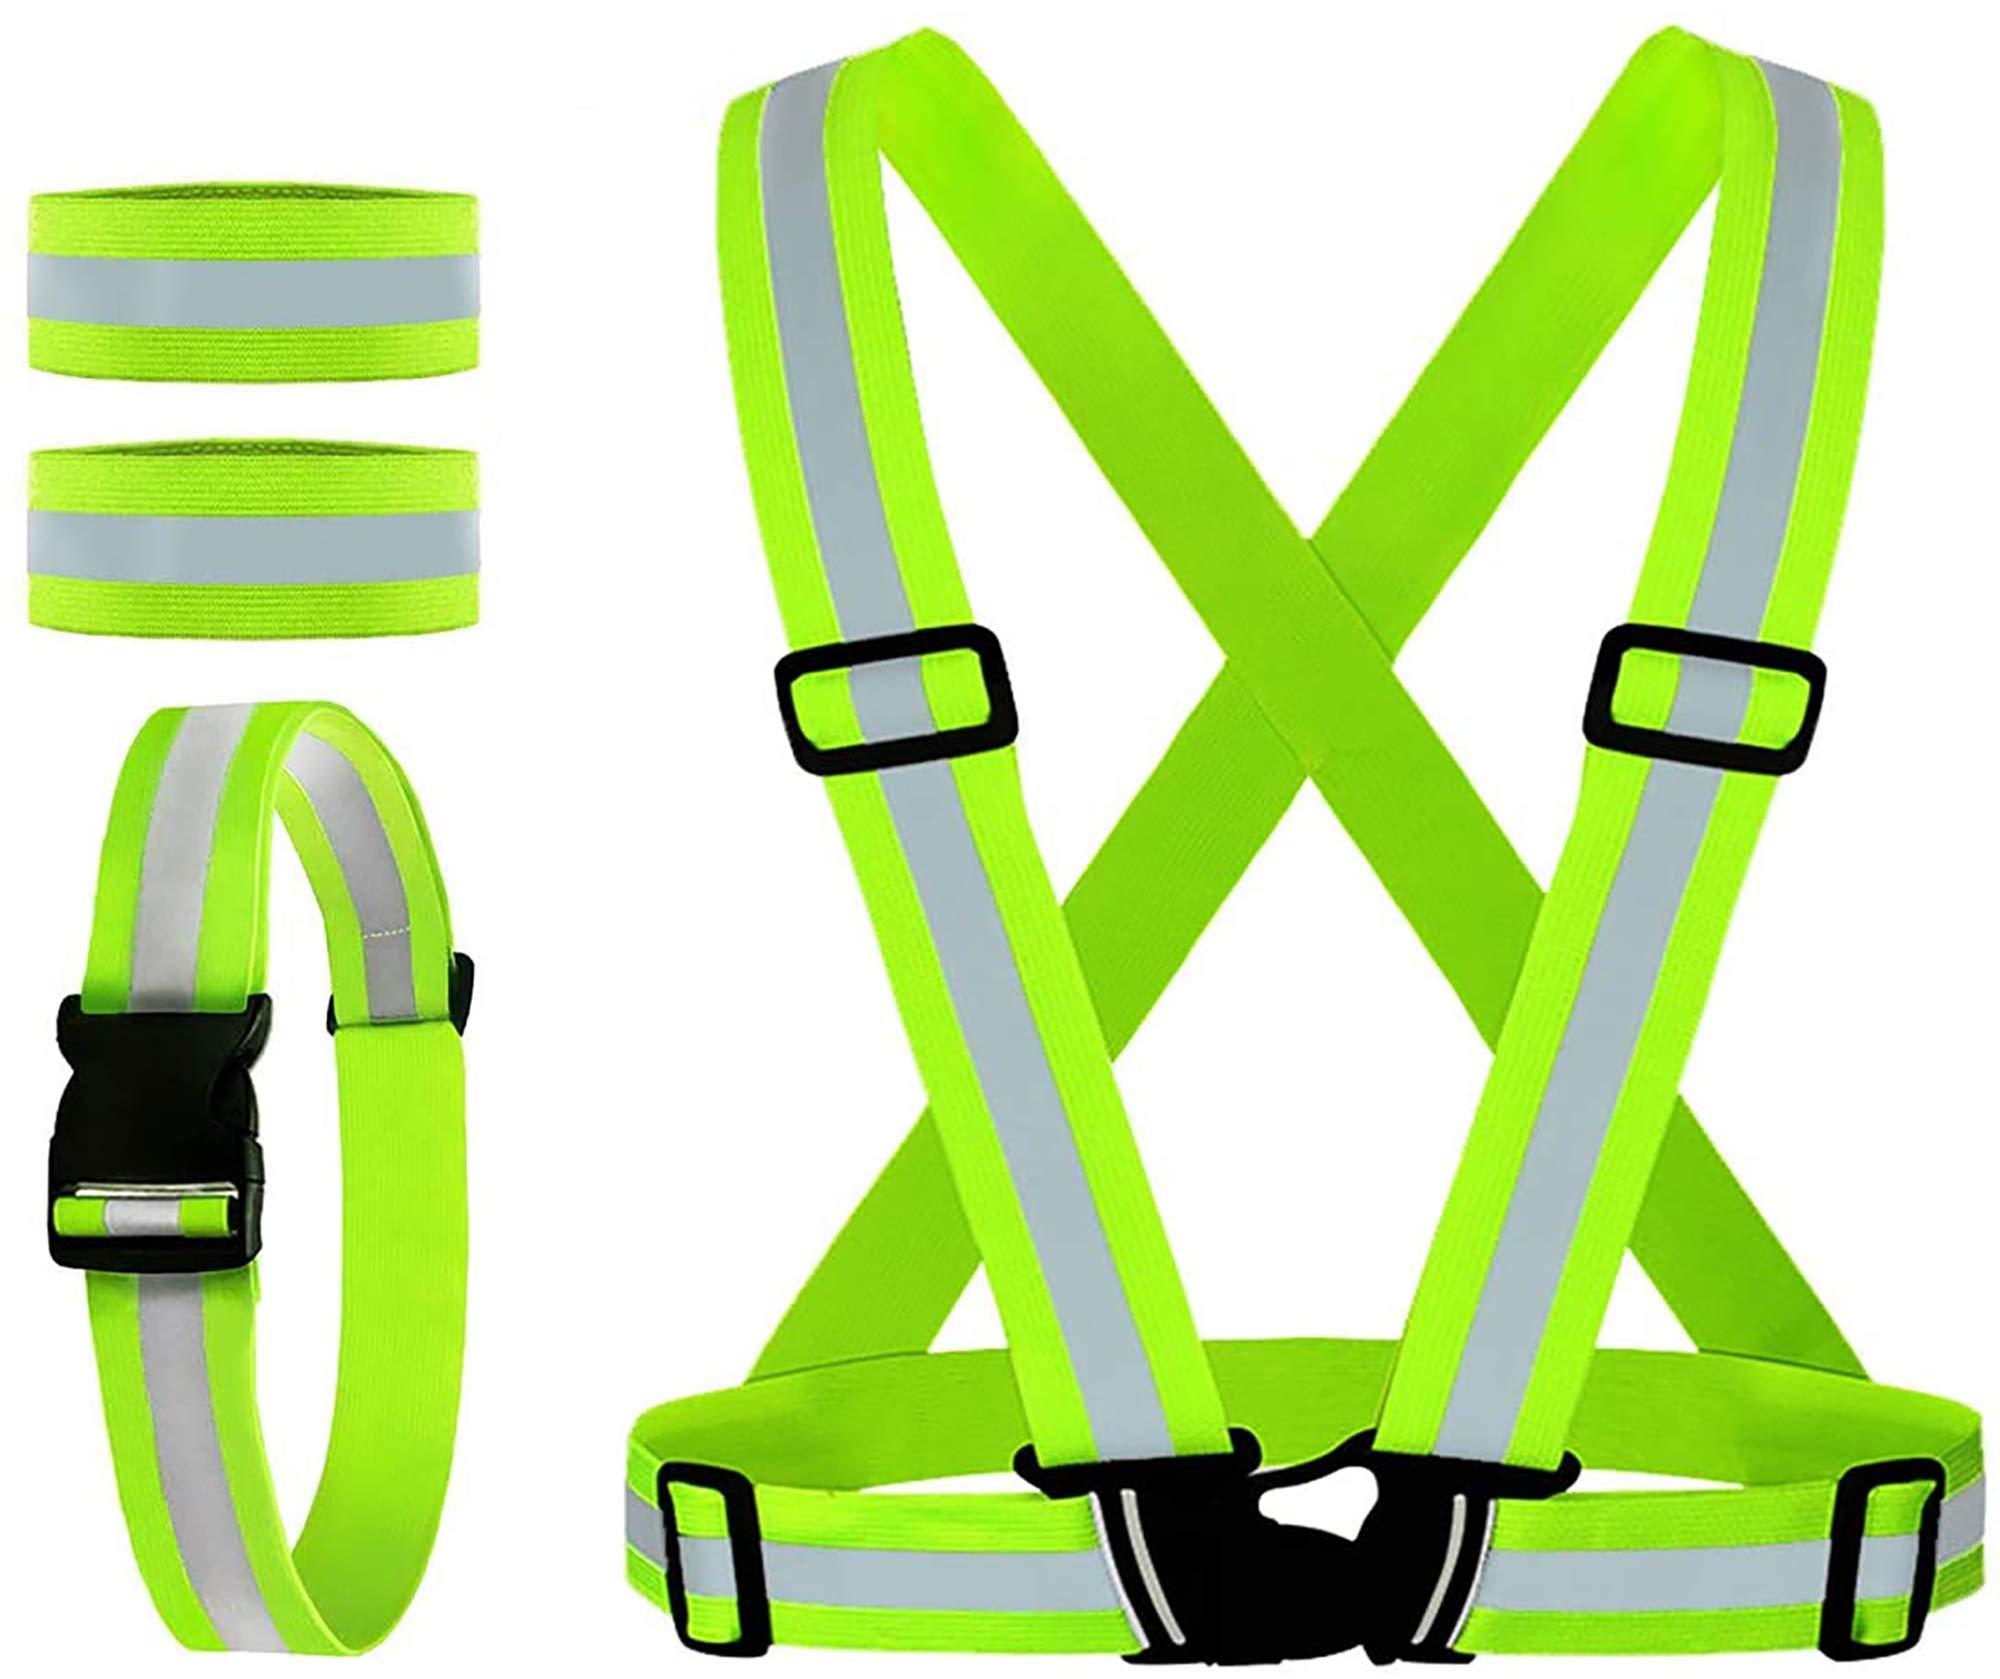 tama/ño ligero equipo de running para correr bicicleta ciclismo amarillo WINOMO chaleco de running reflectante alta visibilidad chaleco de seguridad ajustable